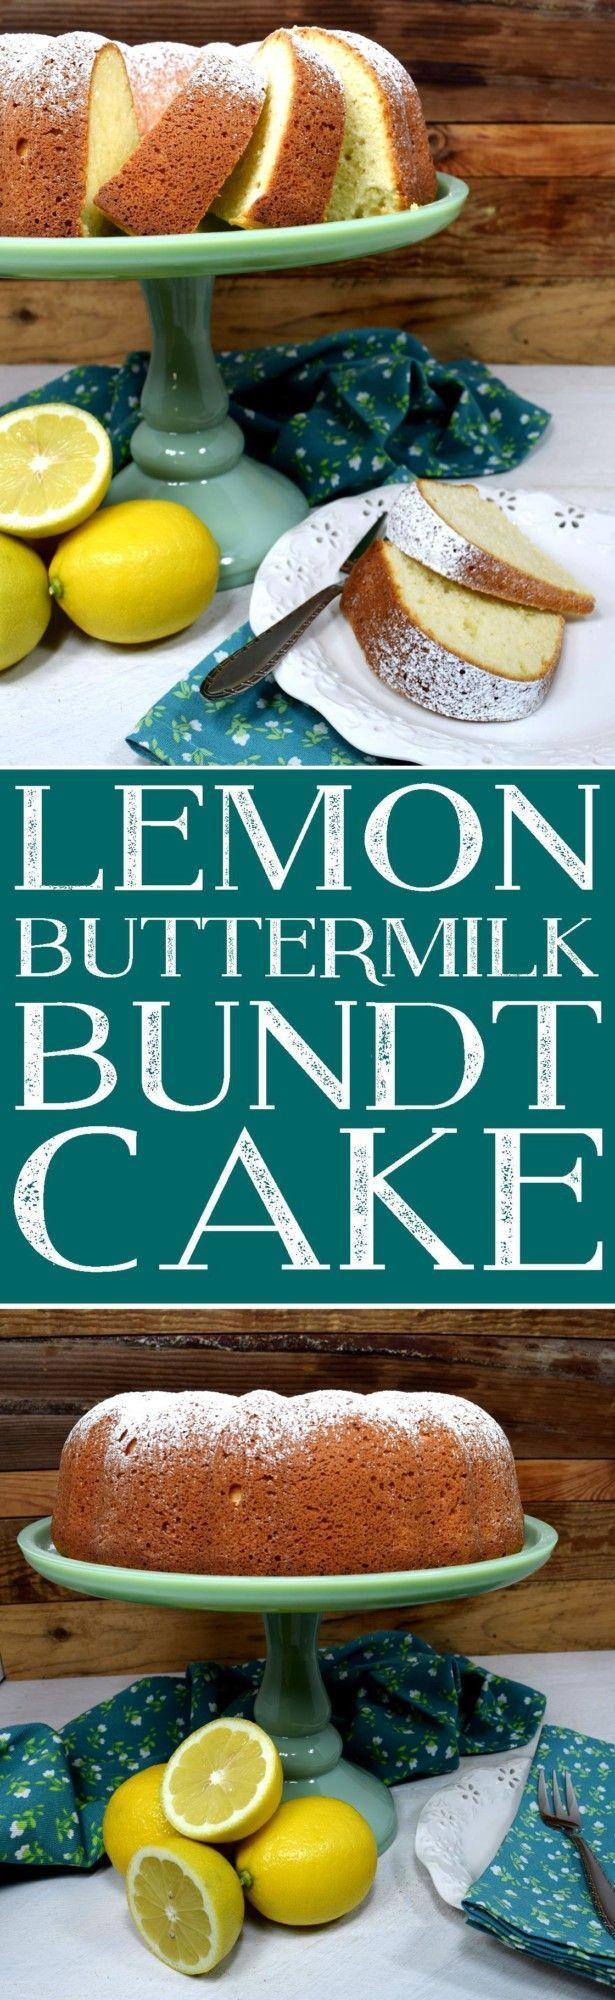 Lemon Buttermilk Bundt Cake Bundt Cake Lemon Recipes Best Dessert Recipes